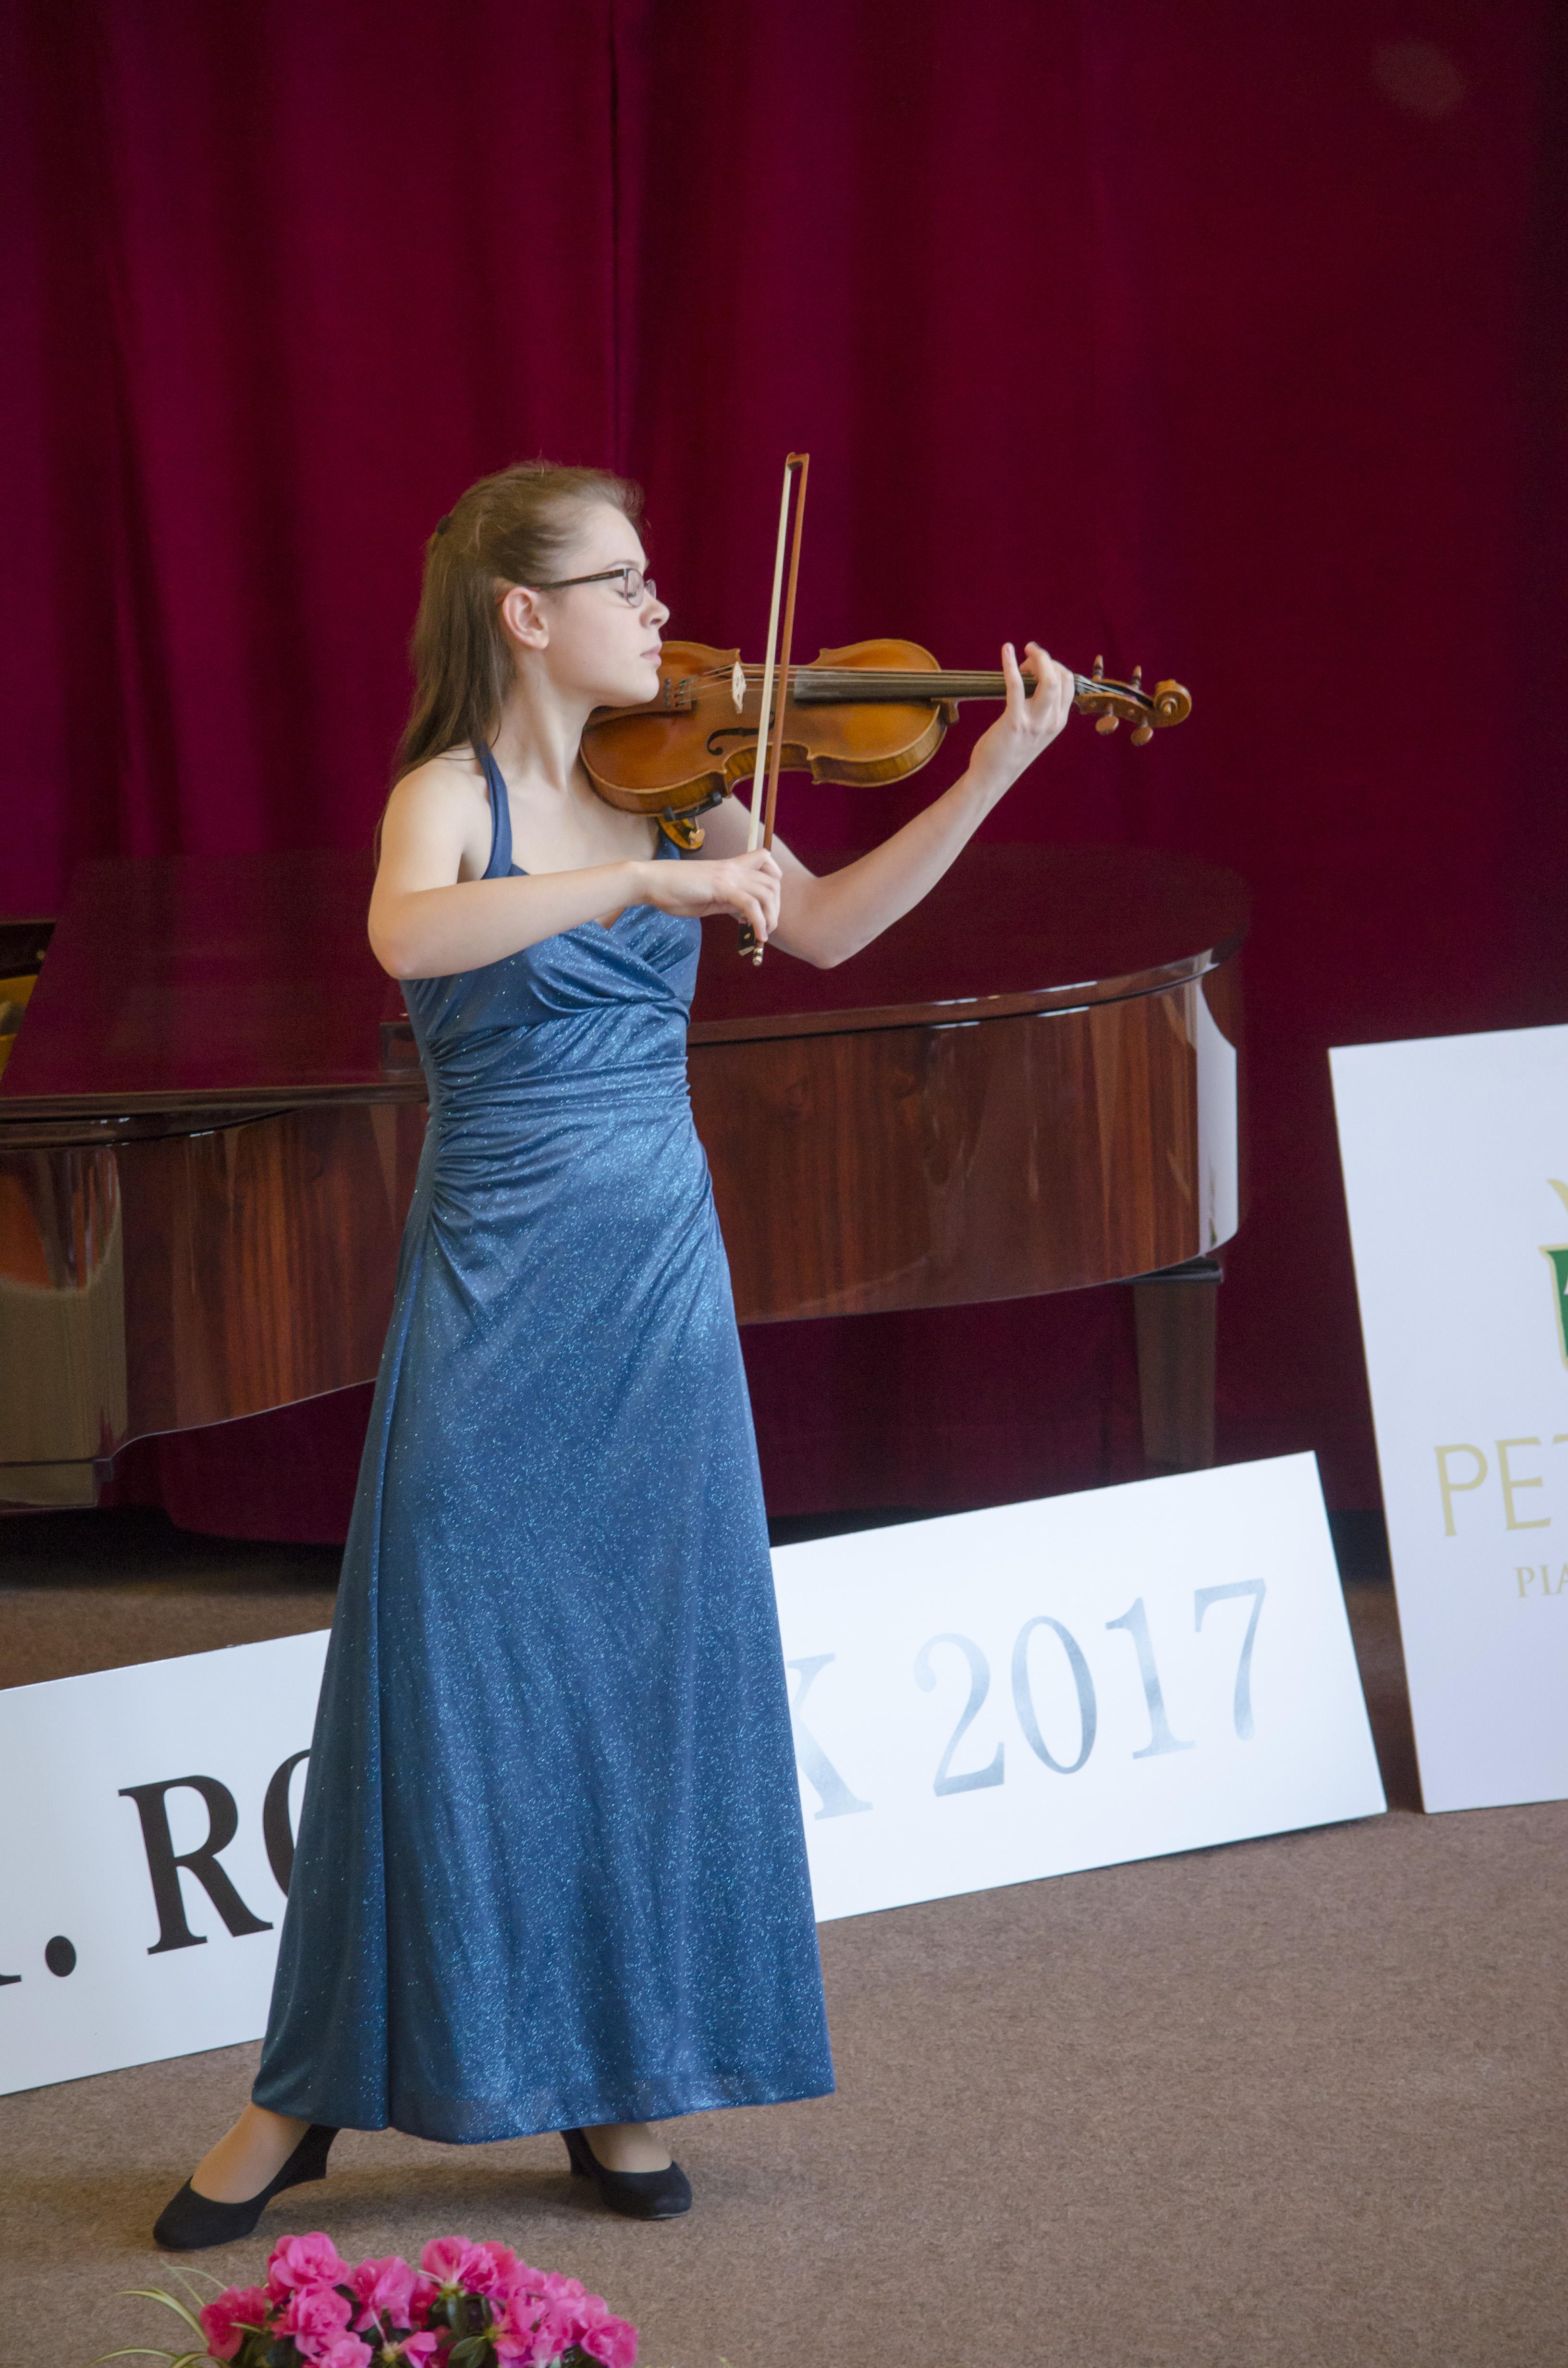 Houslová soutěž 2017 - V. kategorie - Routová Magda